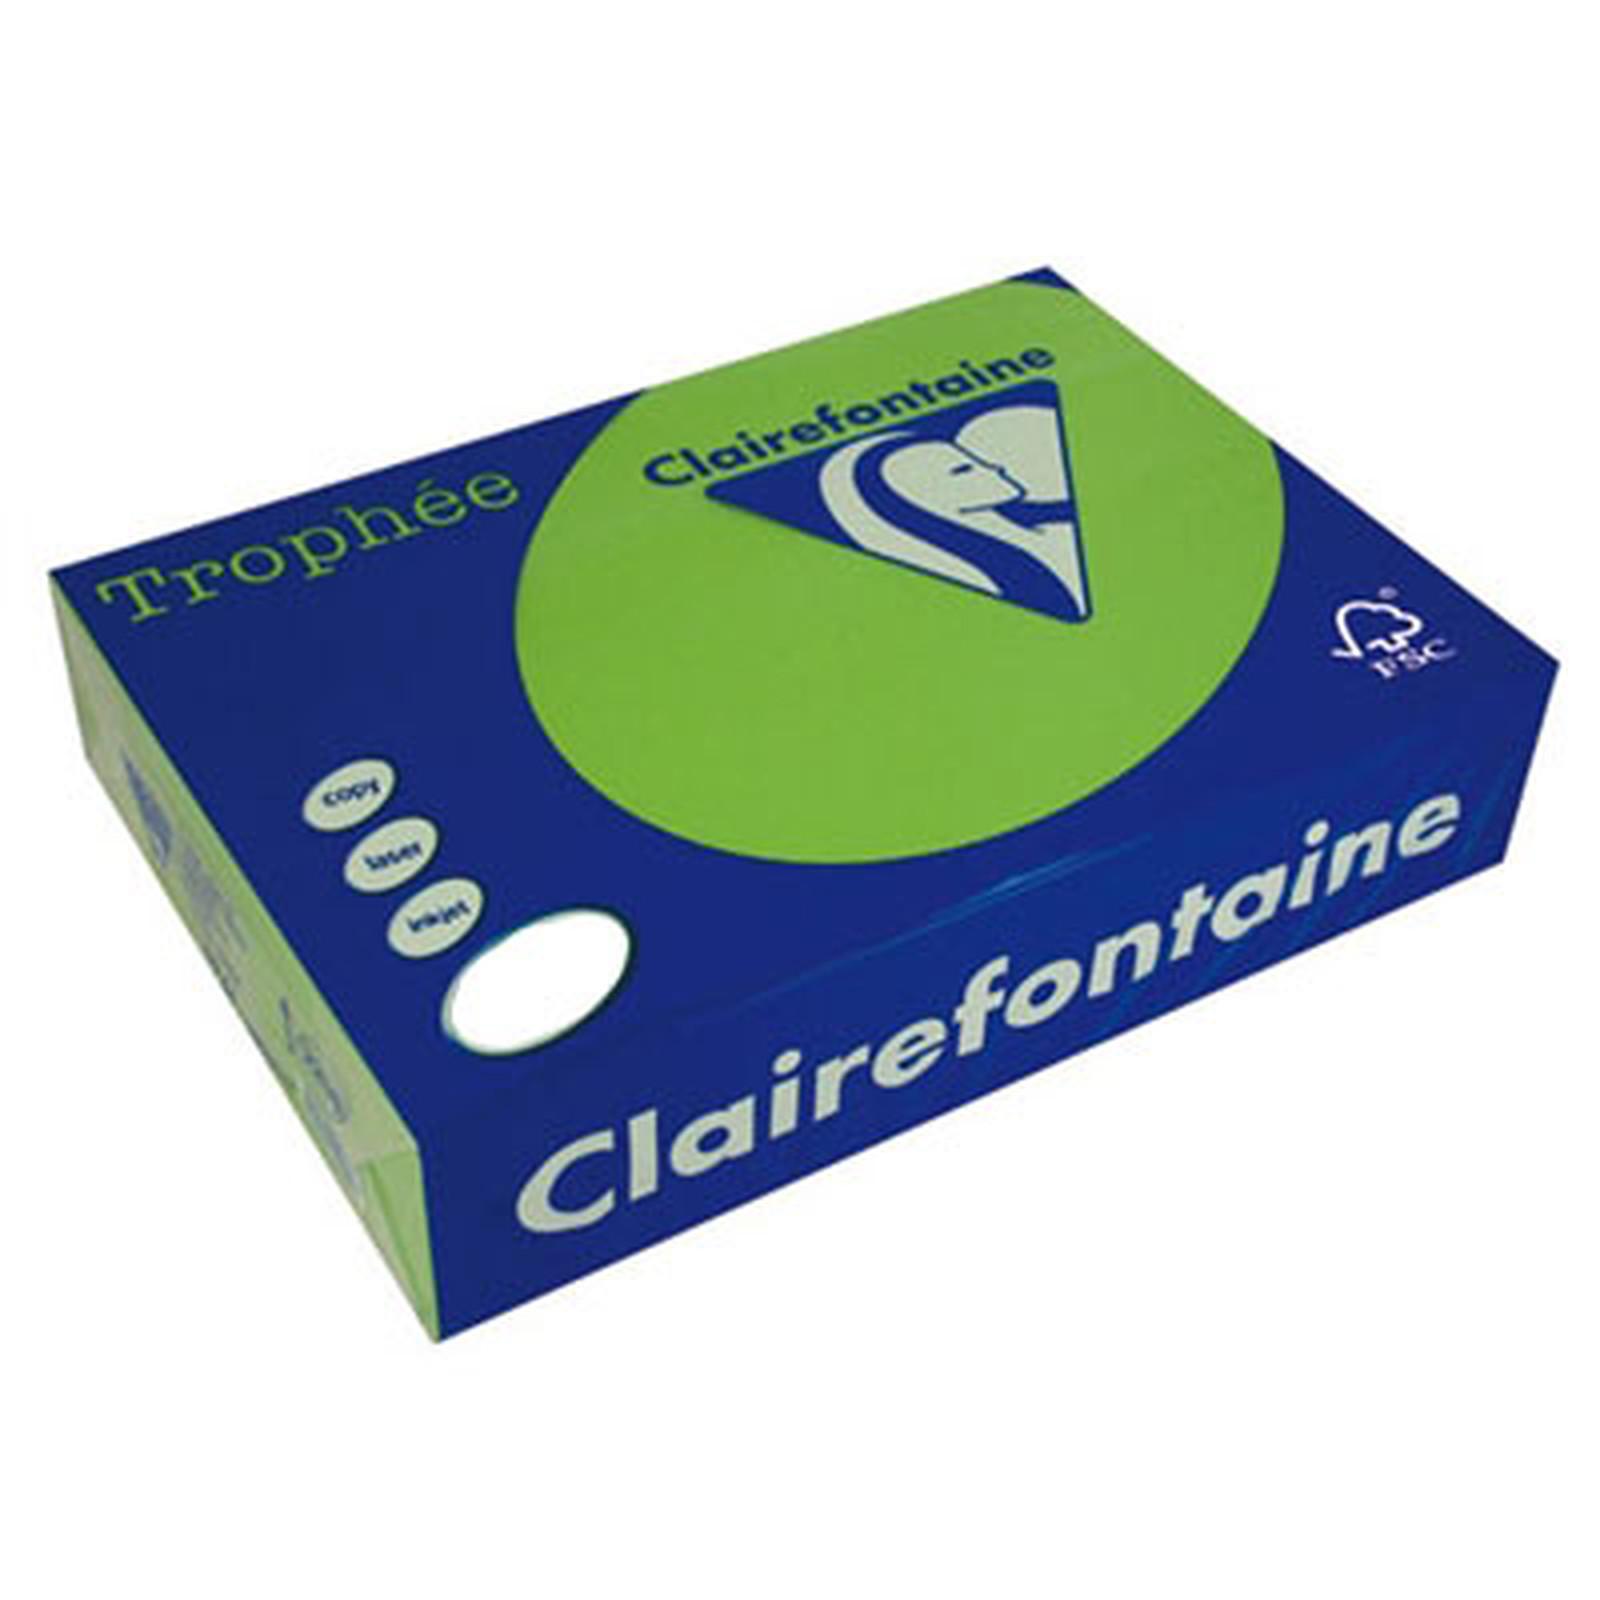 Clairefontaine Trophée Ramette de papier 250 feuilles A3 160g Vert Menthe